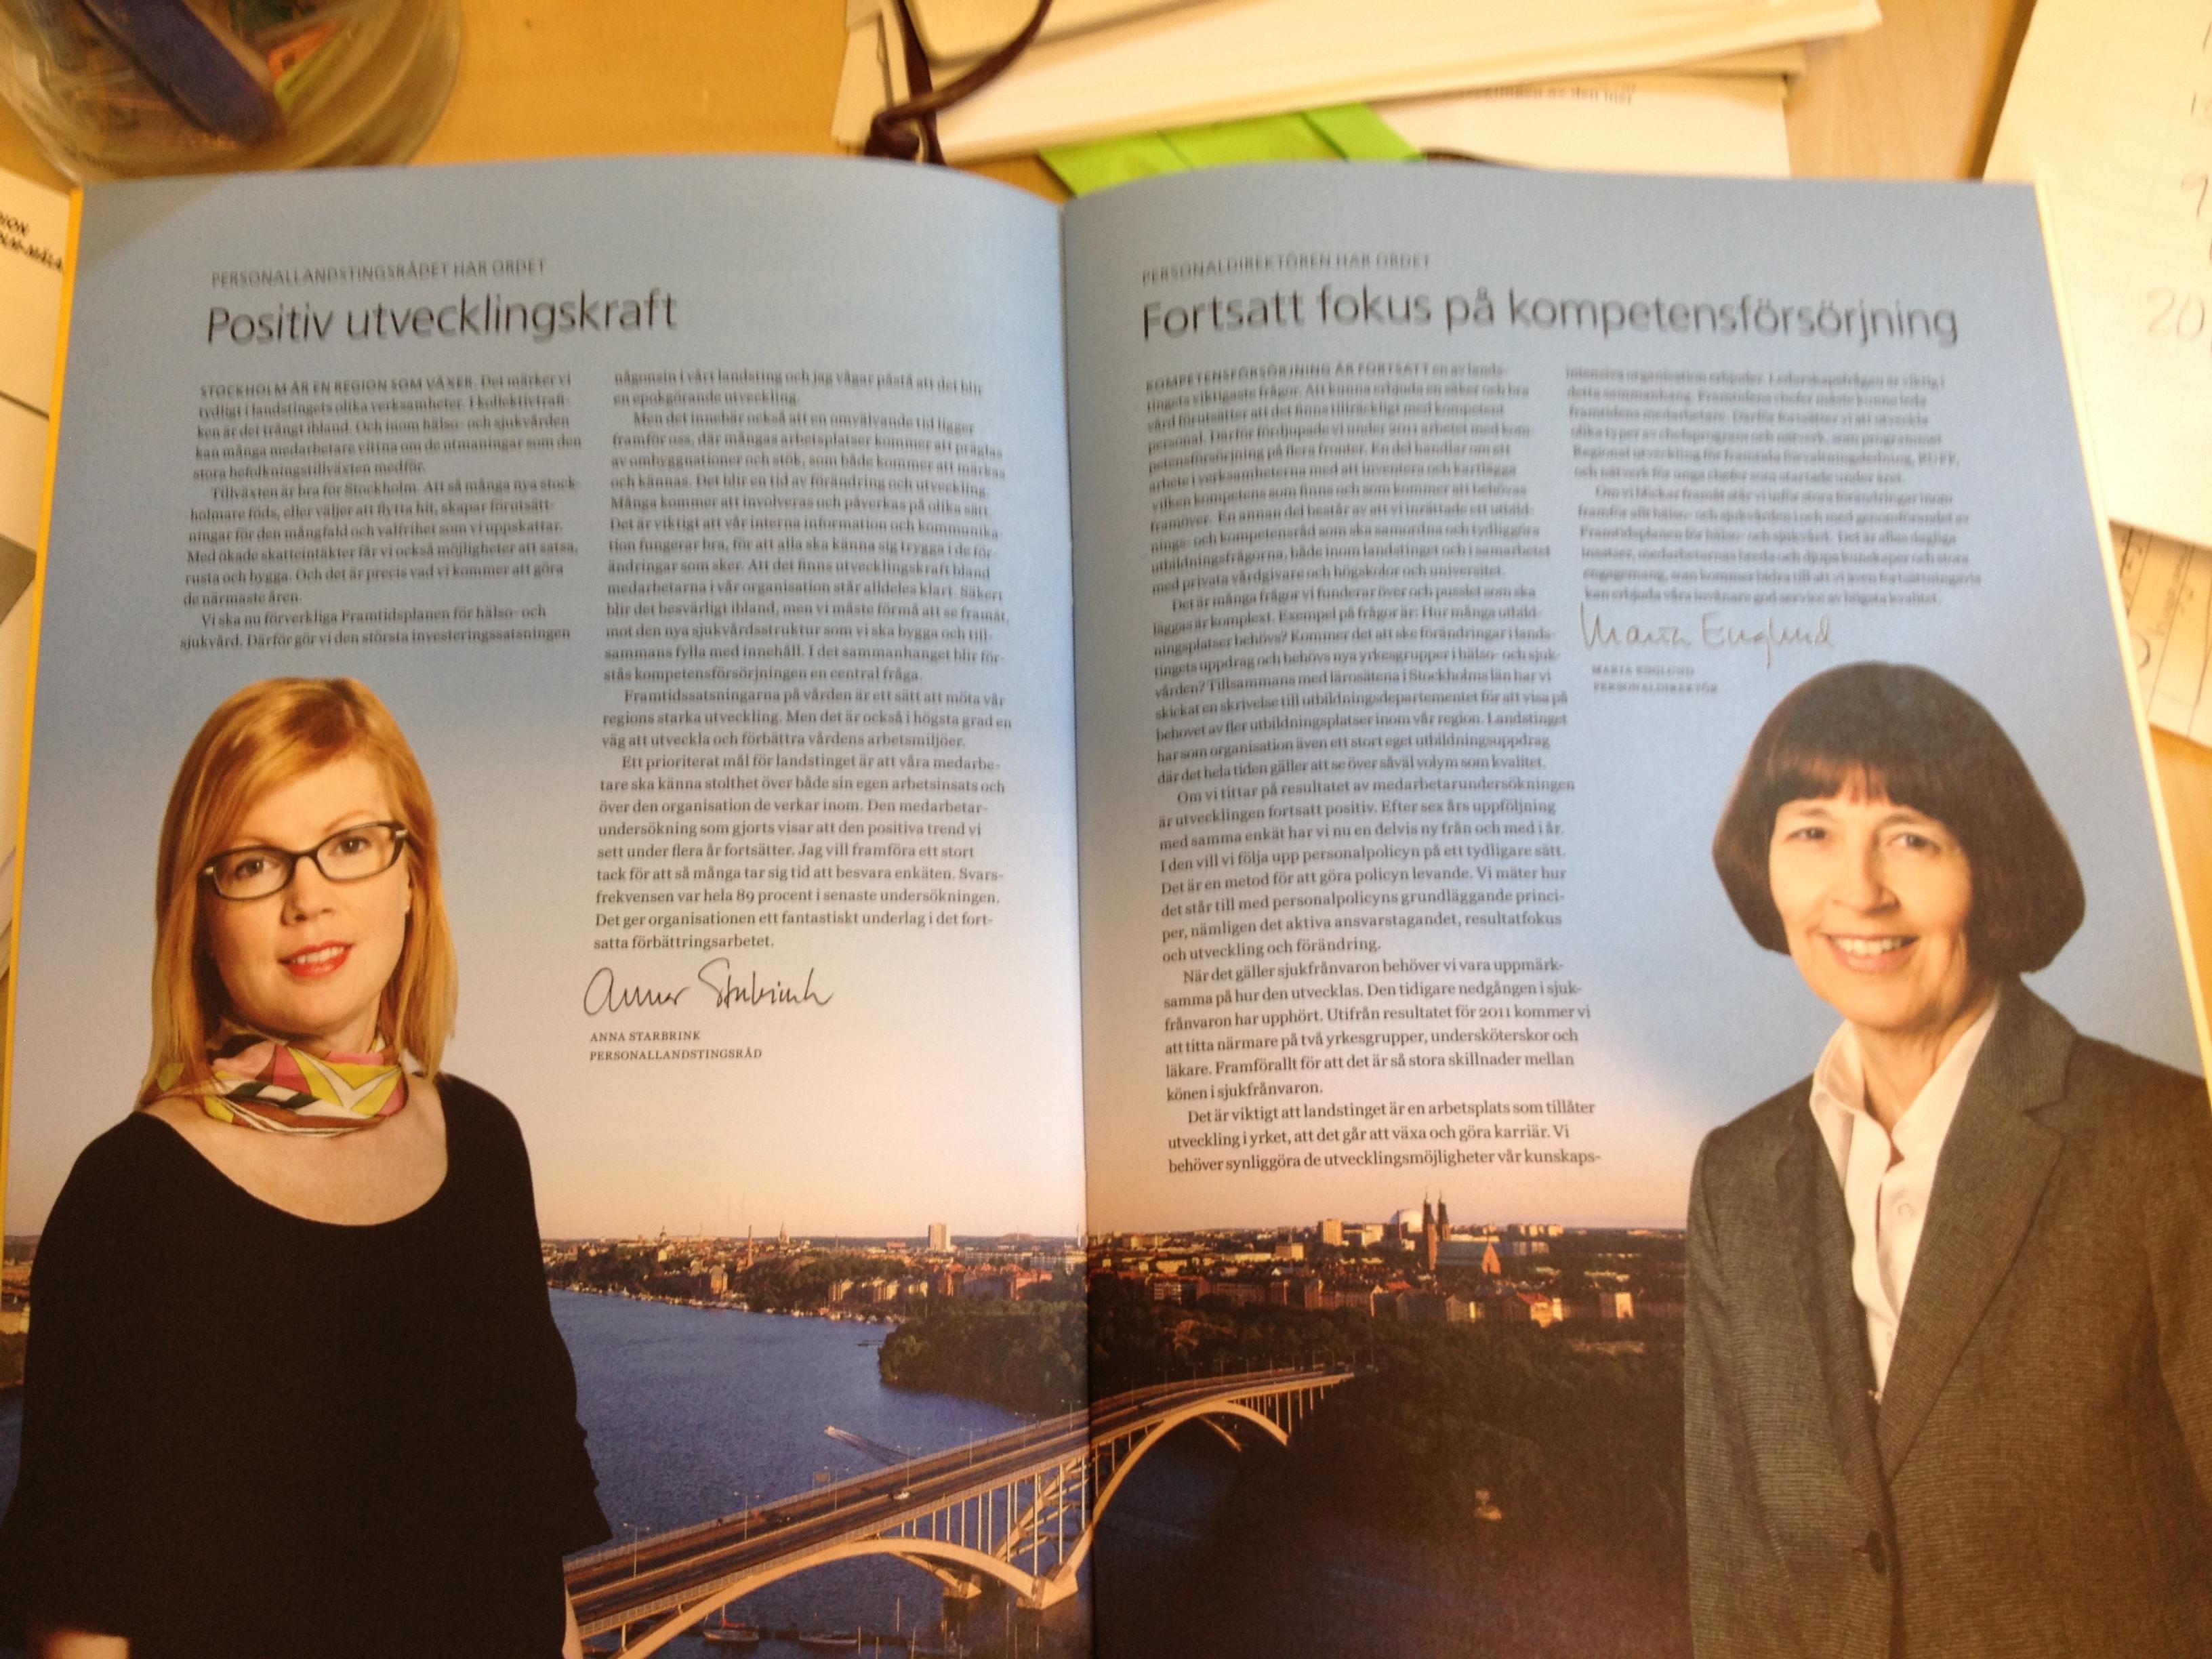 Jag och landstingets personaldirektör Maria Englund får vara med på bild. Och förstås skriver vi om landstingets utveckling med koppling till medarbetarfrågor och kompetensförsörjning.